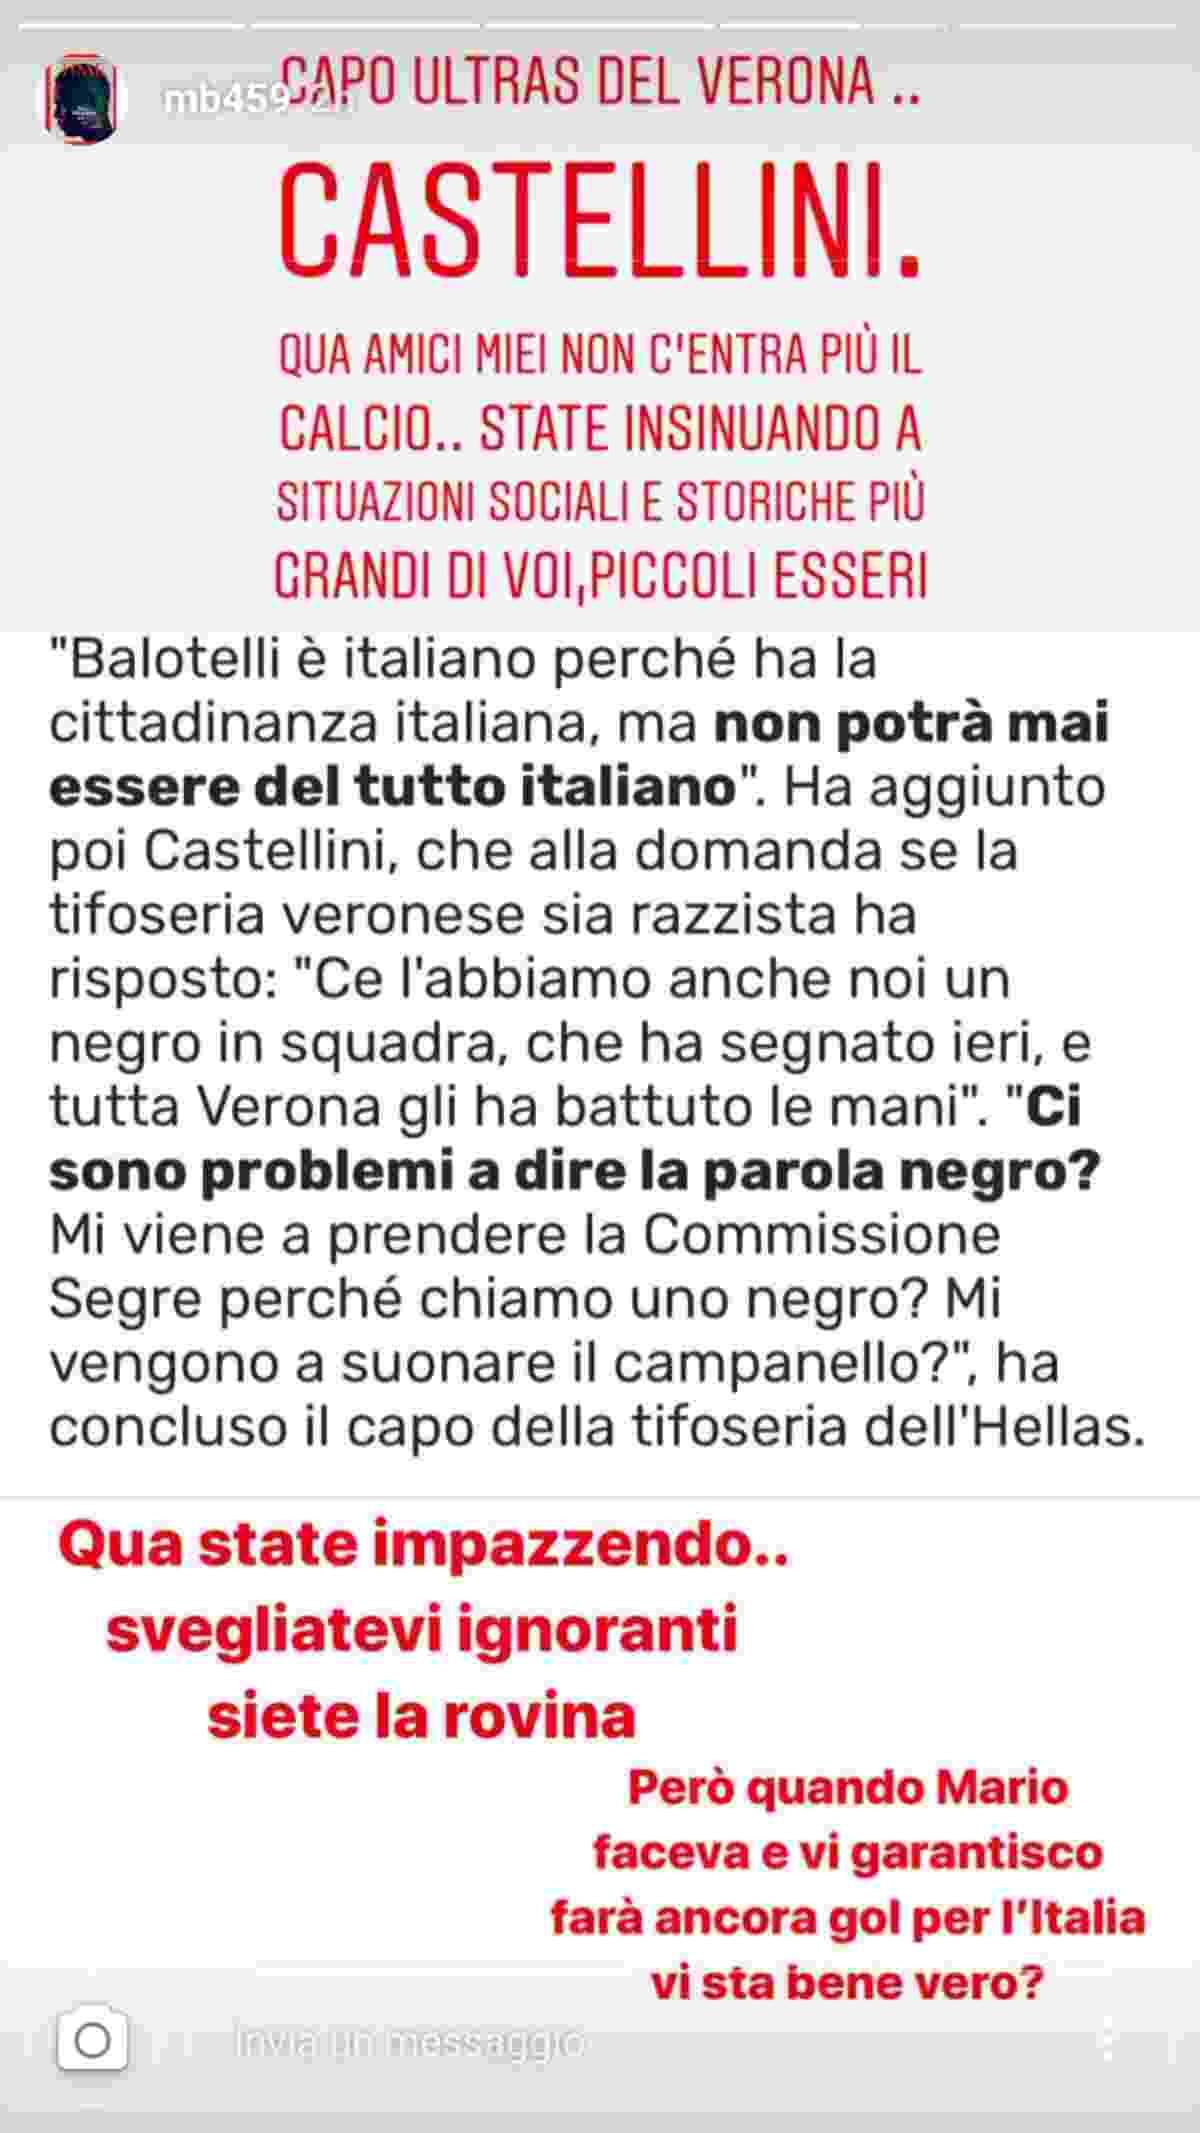 La risposta di Balotelli all'ultrà del Verona